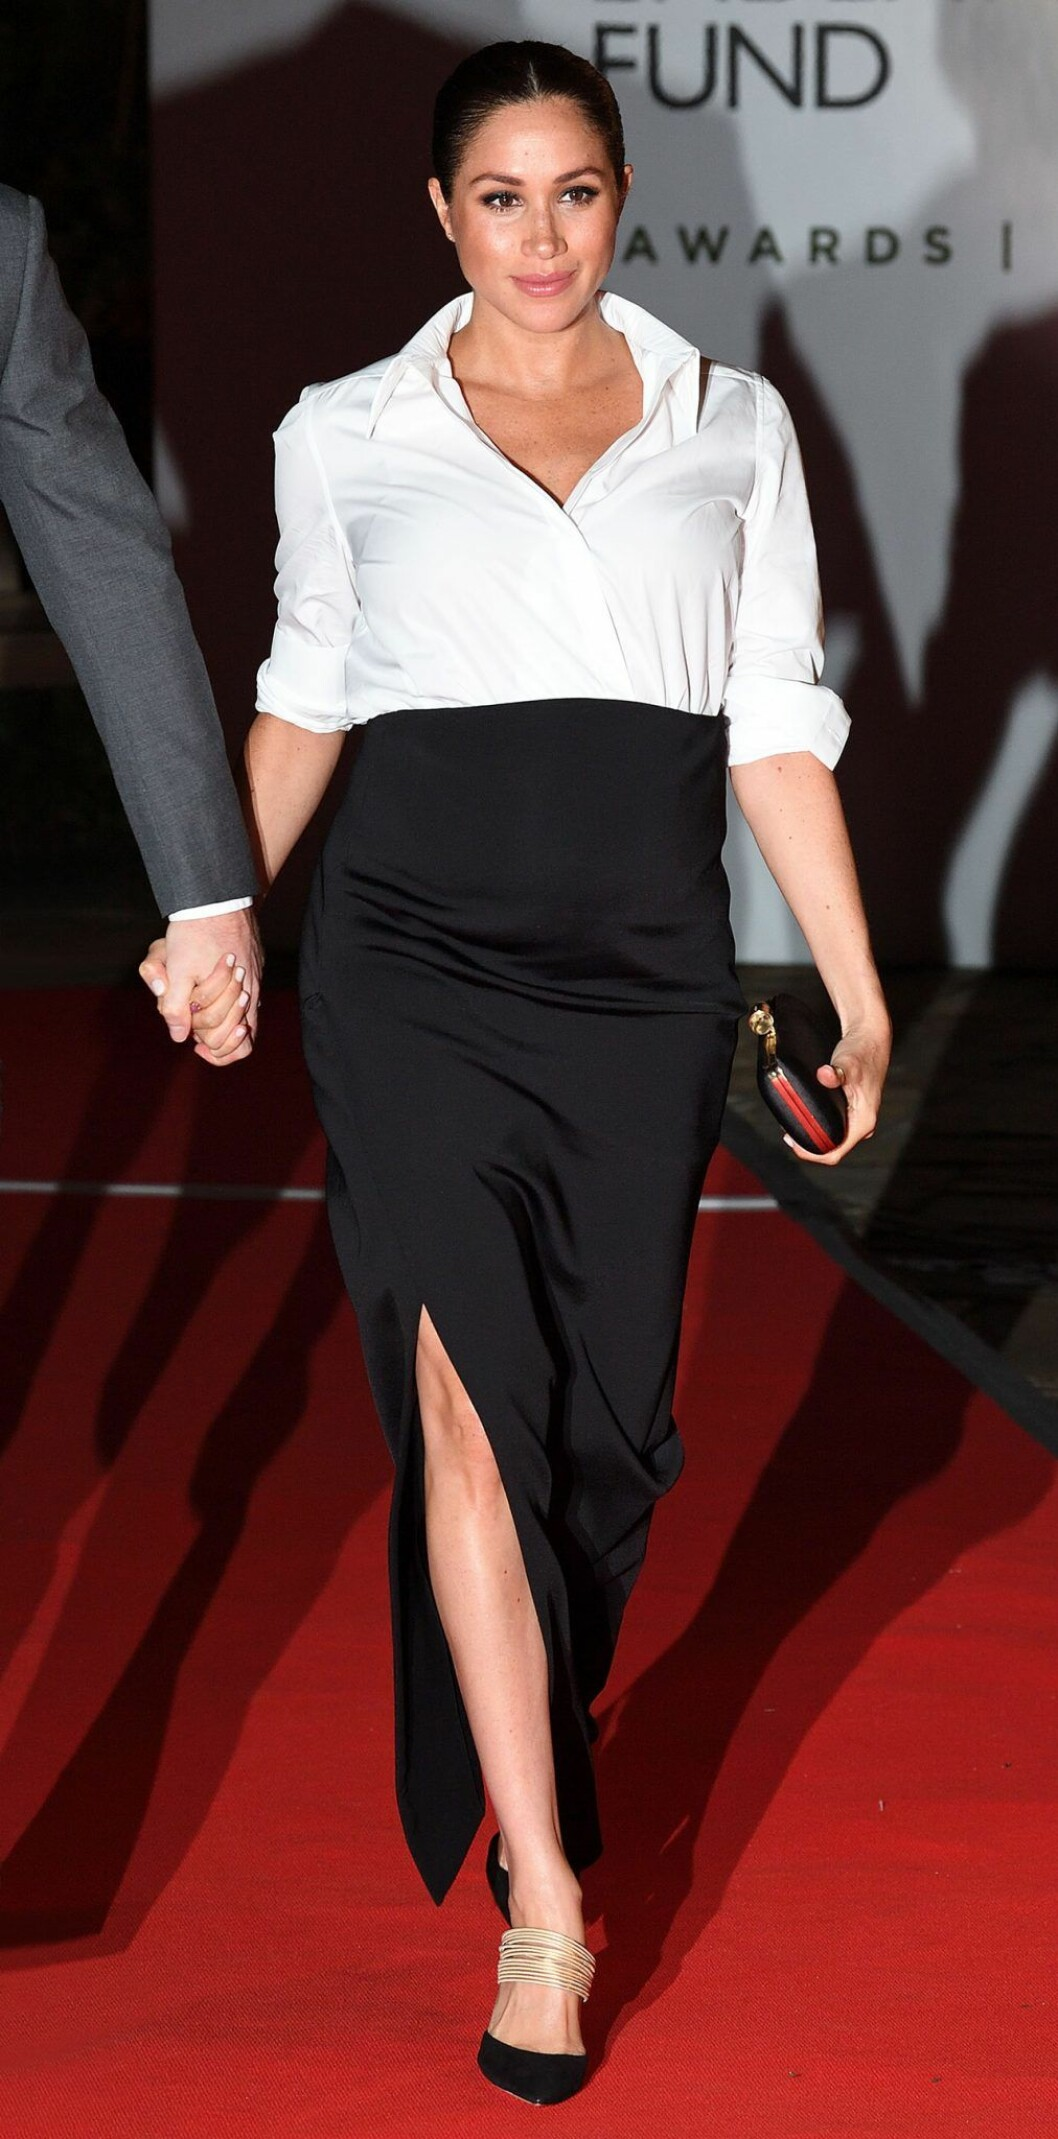 Meghan Markle i svart kjol och vit skjorta